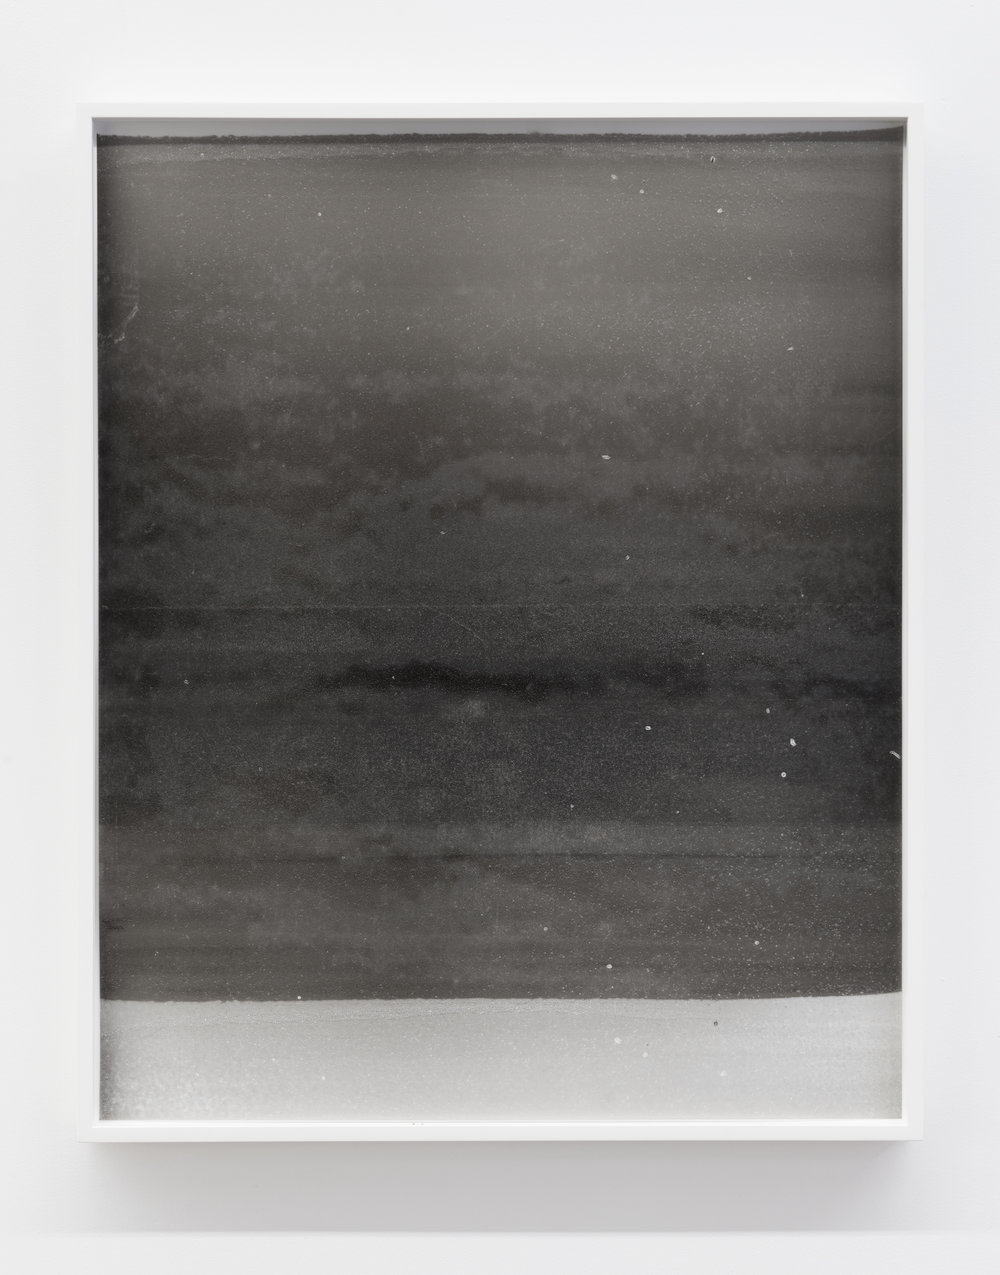 """Sans titre (clouded), 2018, huile et peinture métallique sur mylar, 64 X 51 cm (26 X 21"""")"""